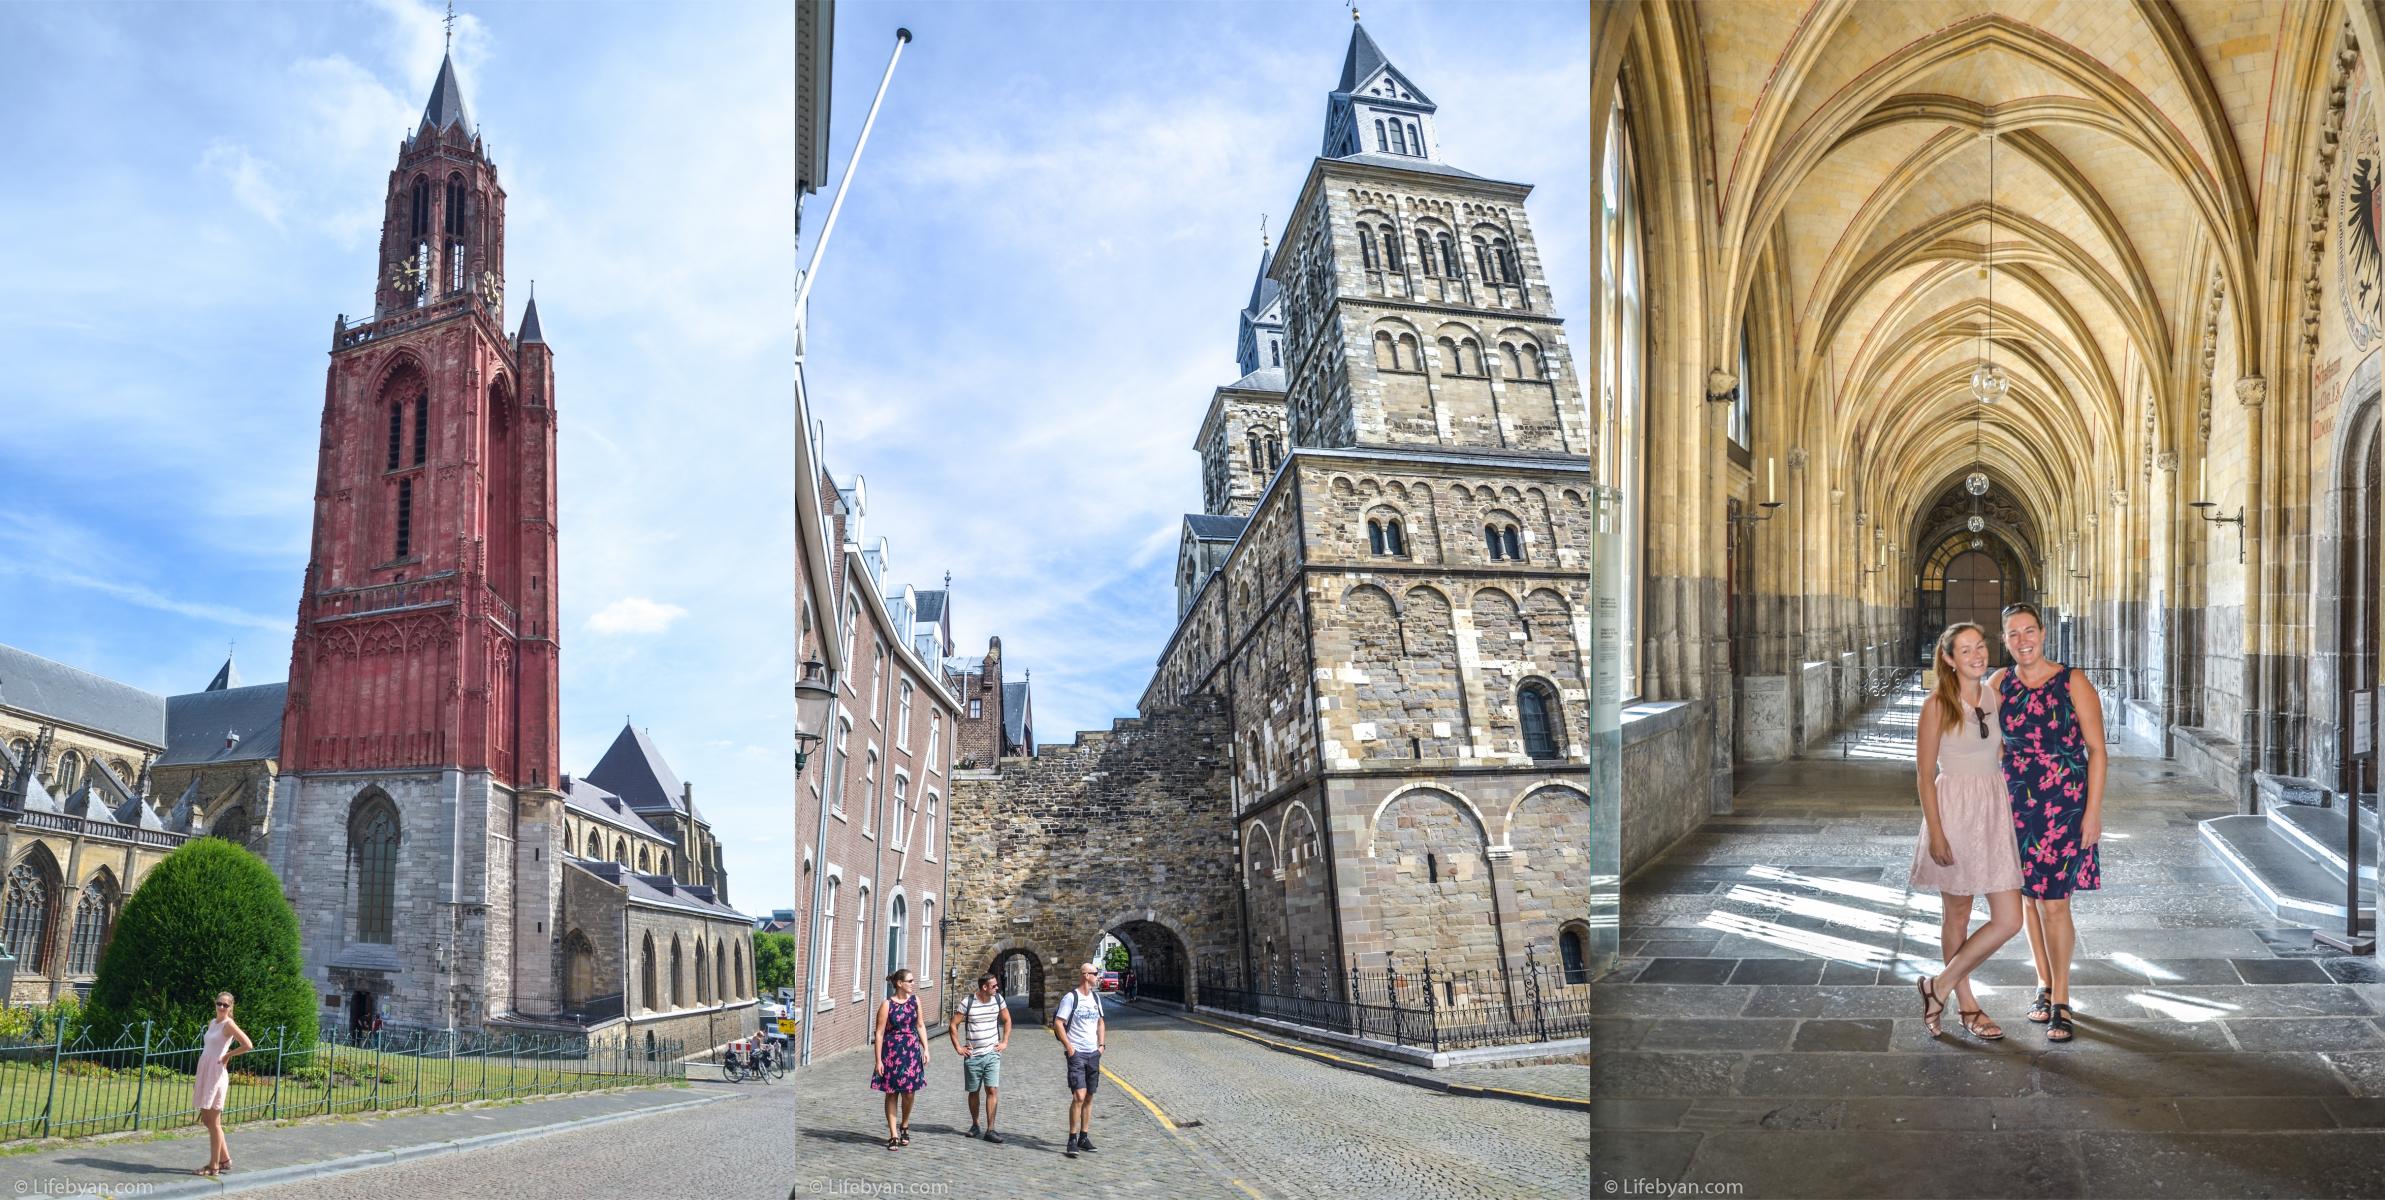 Rechts: Vicky en ik in de kloostergangen van de Sint-Servaasbasiliek